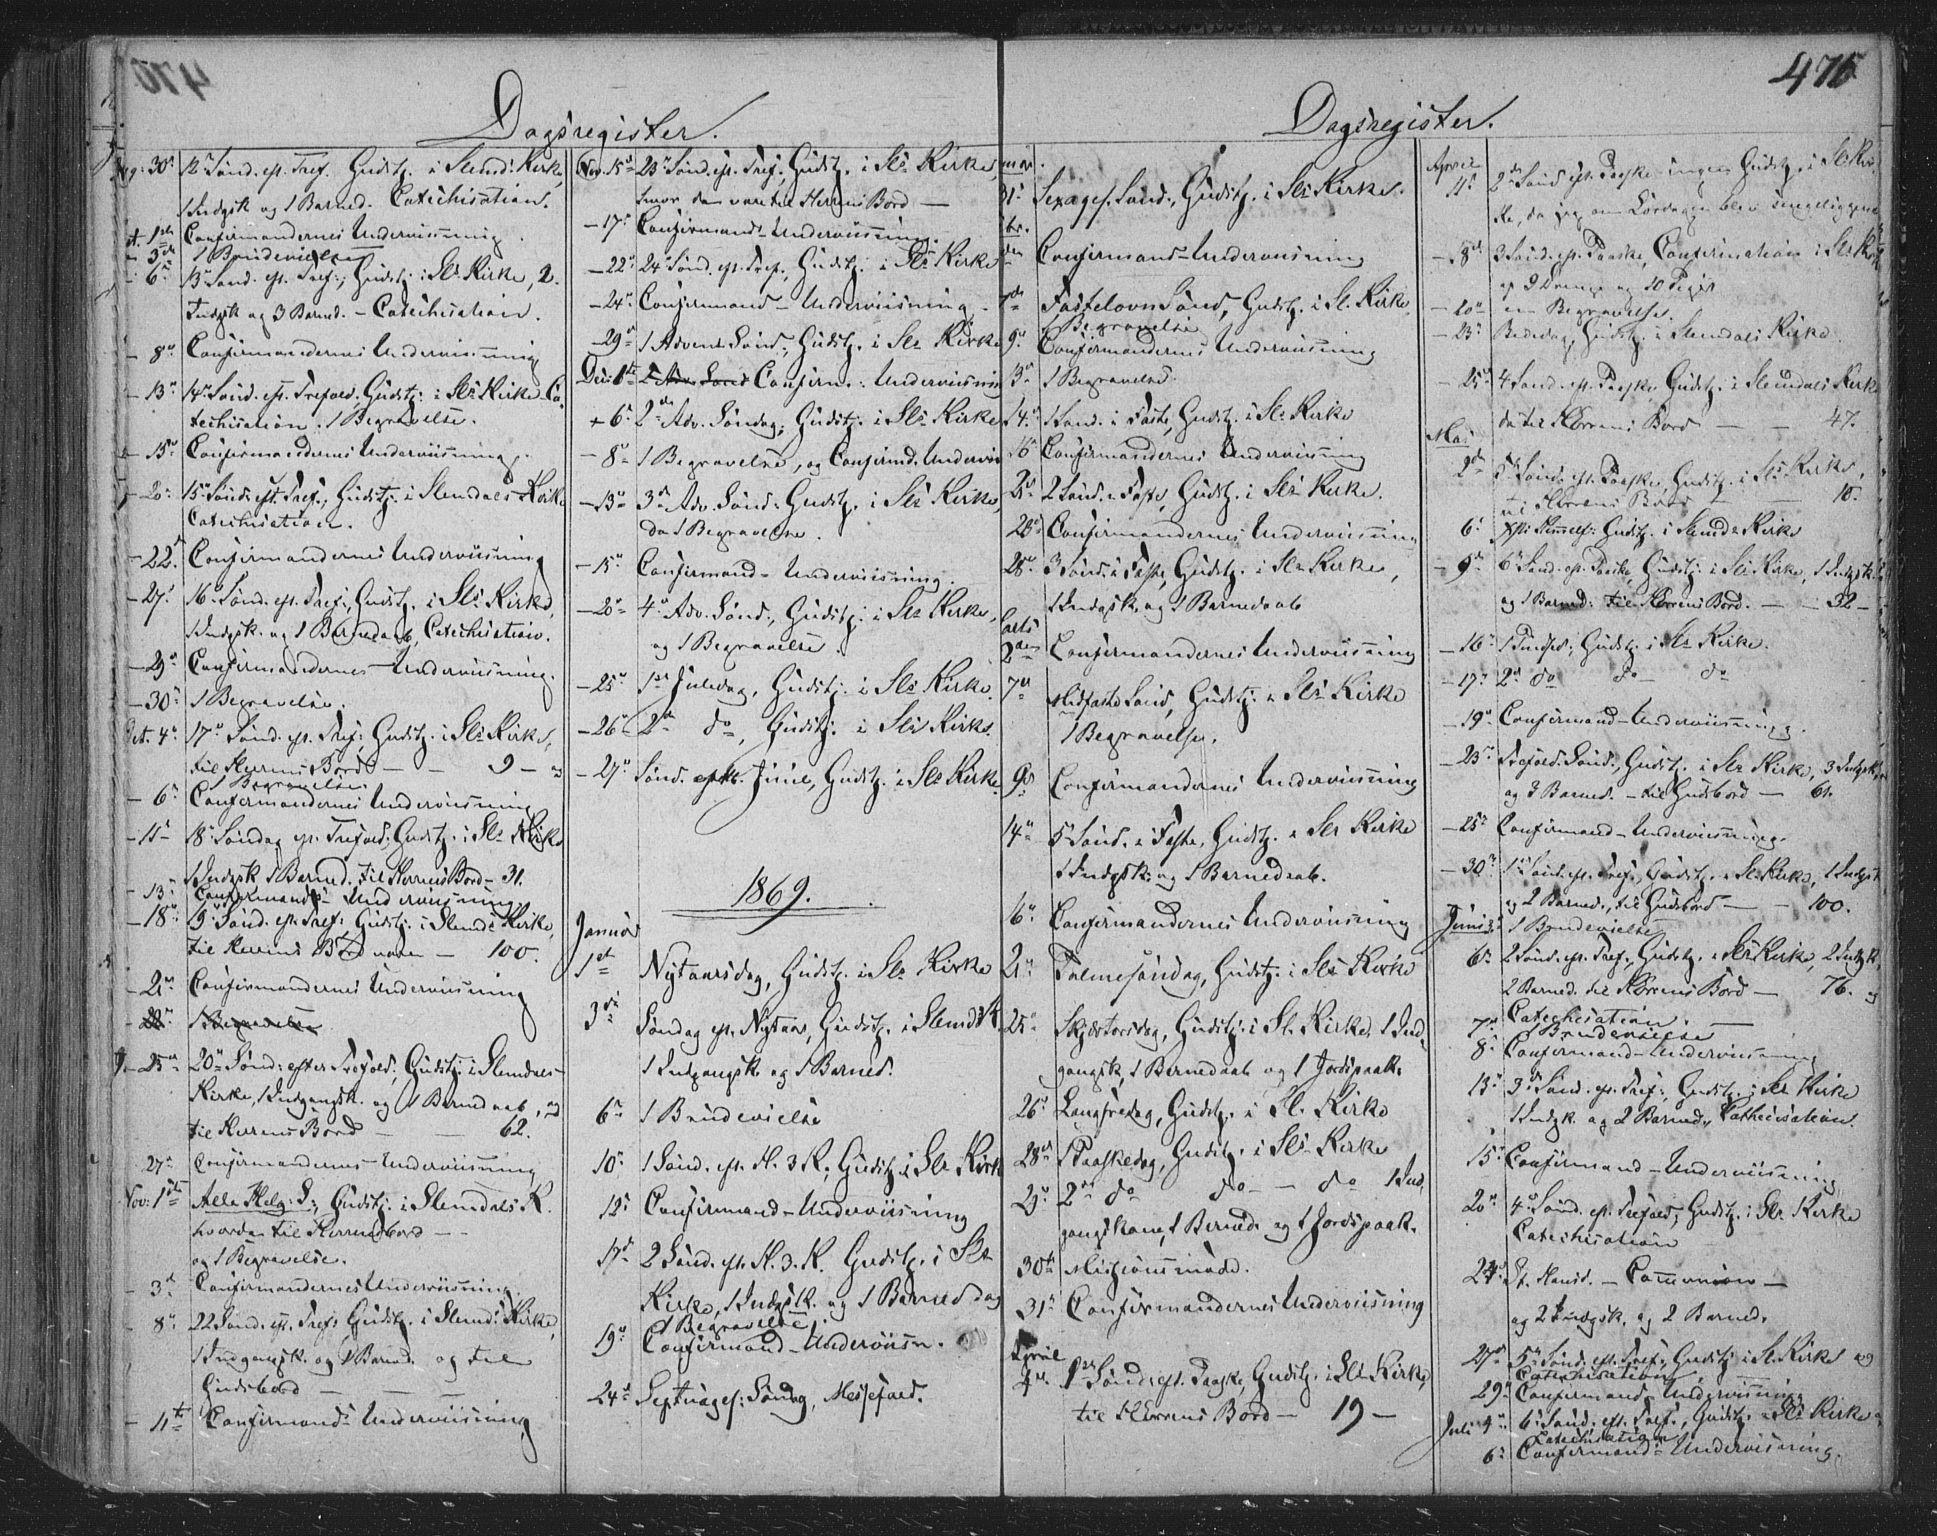 SAKO, Siljan kirkebøker, F/Fa/L0001: Ministerialbok nr. 1, 1831-1870, s. 471